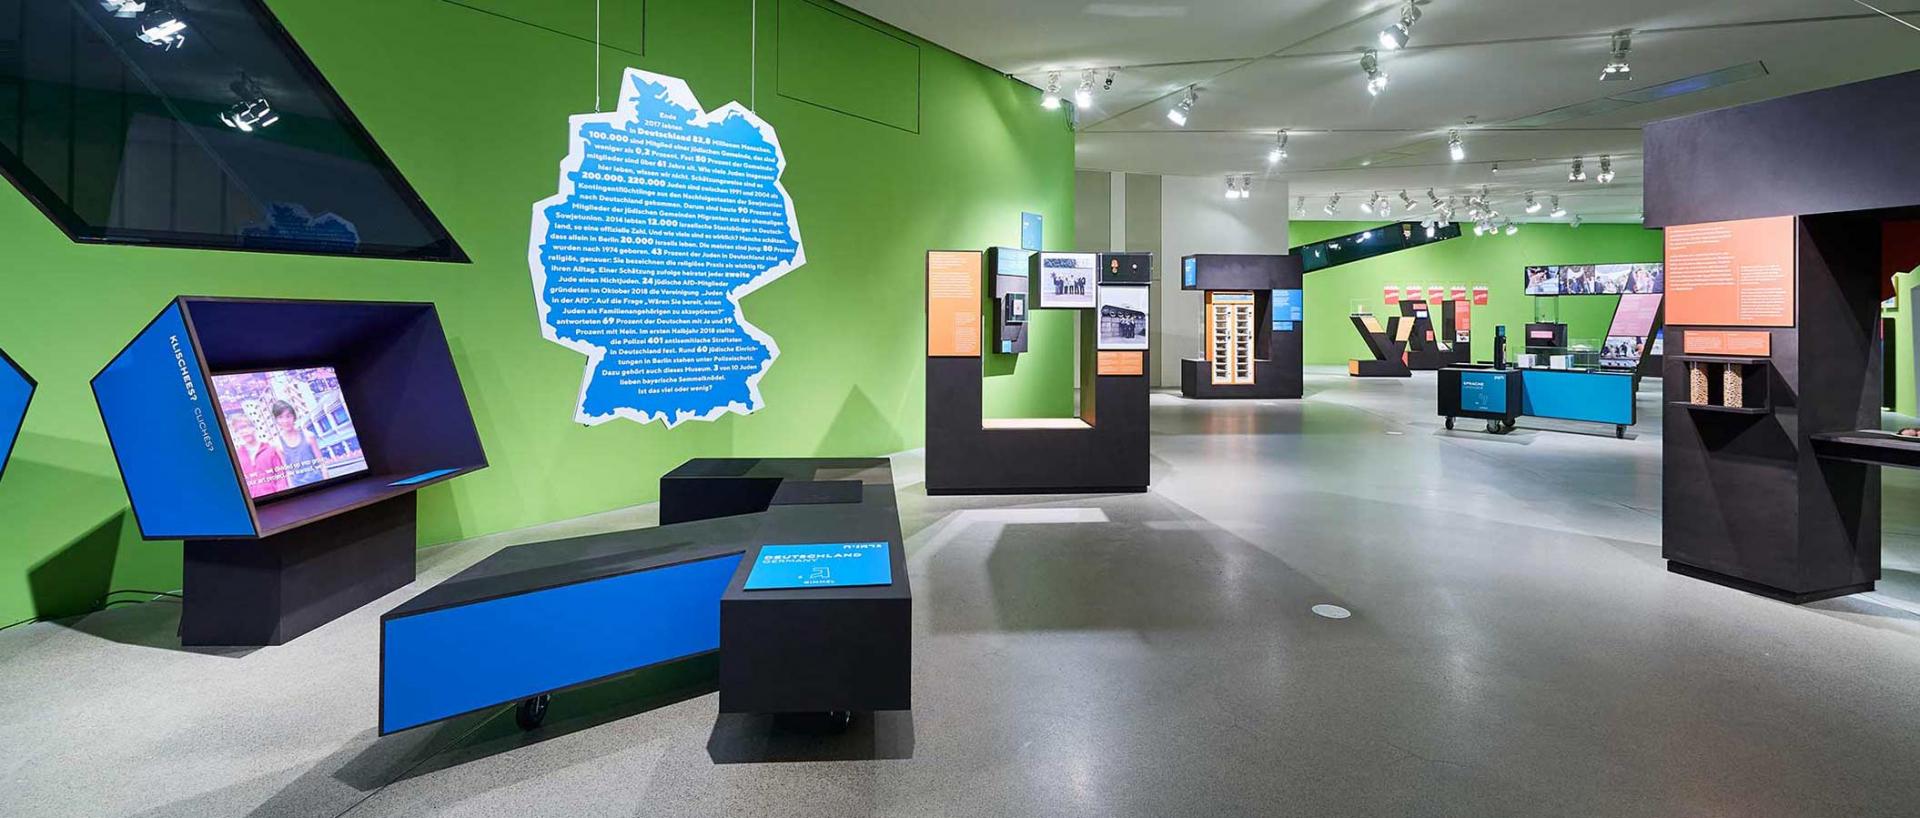 Blick in den Ausstellungsraum mit großen hebräischen Buchstaben